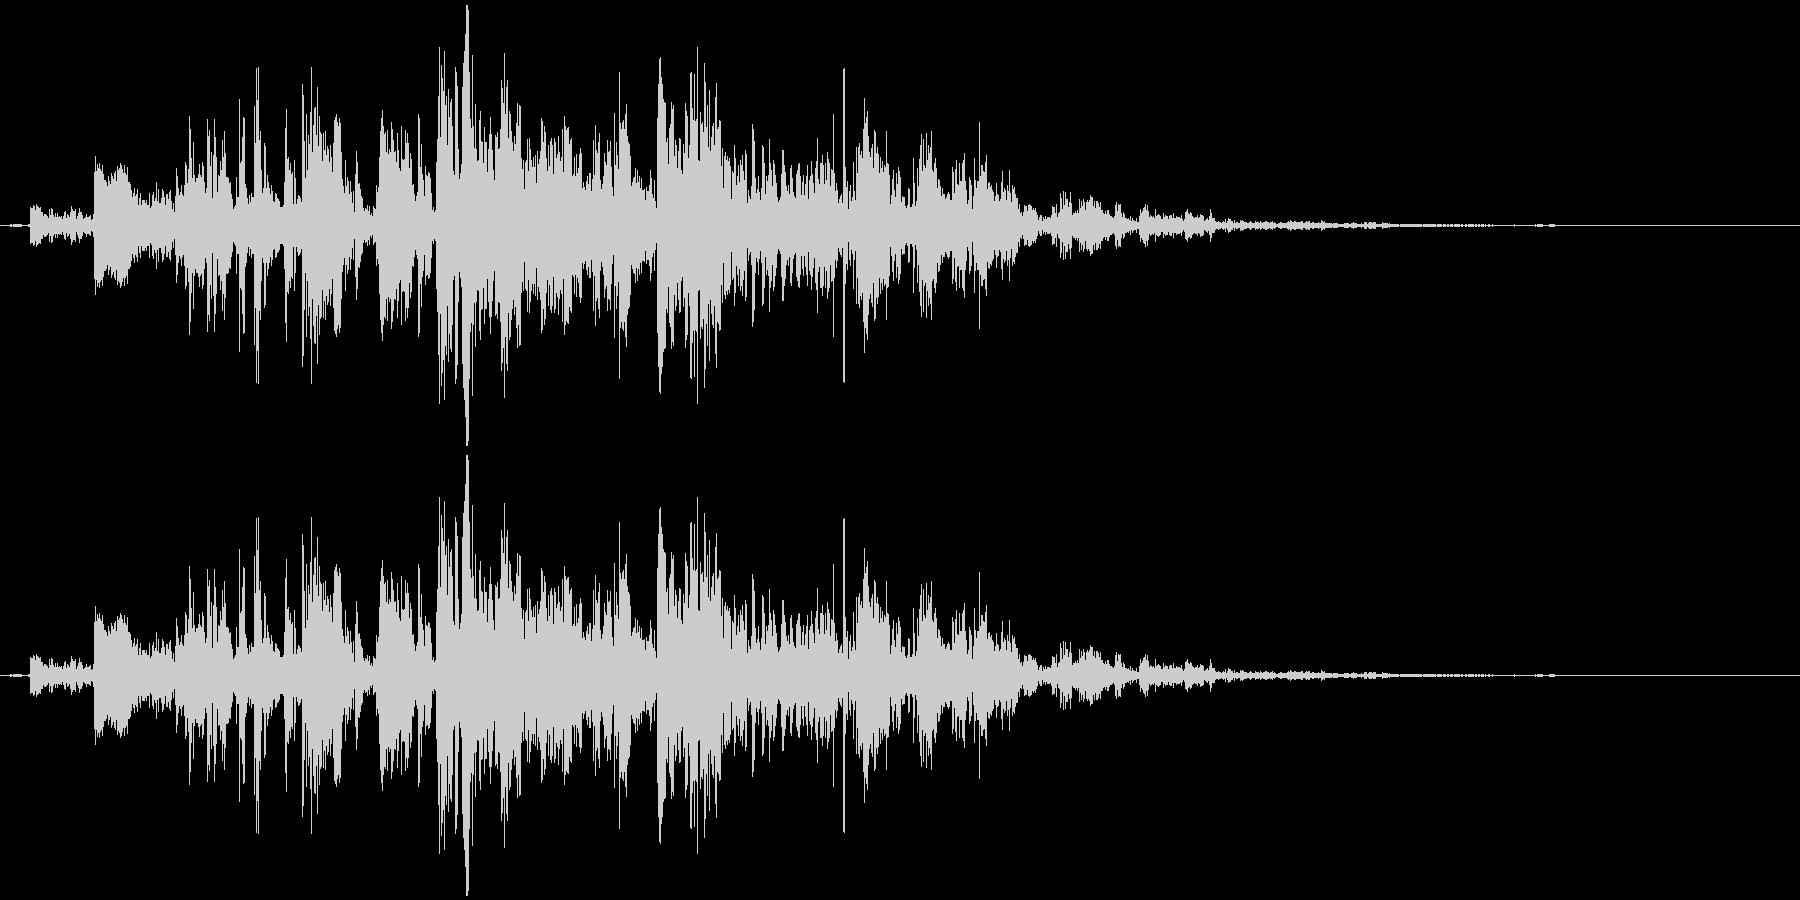 鎖を動かす音11【短い】の未再生の波形